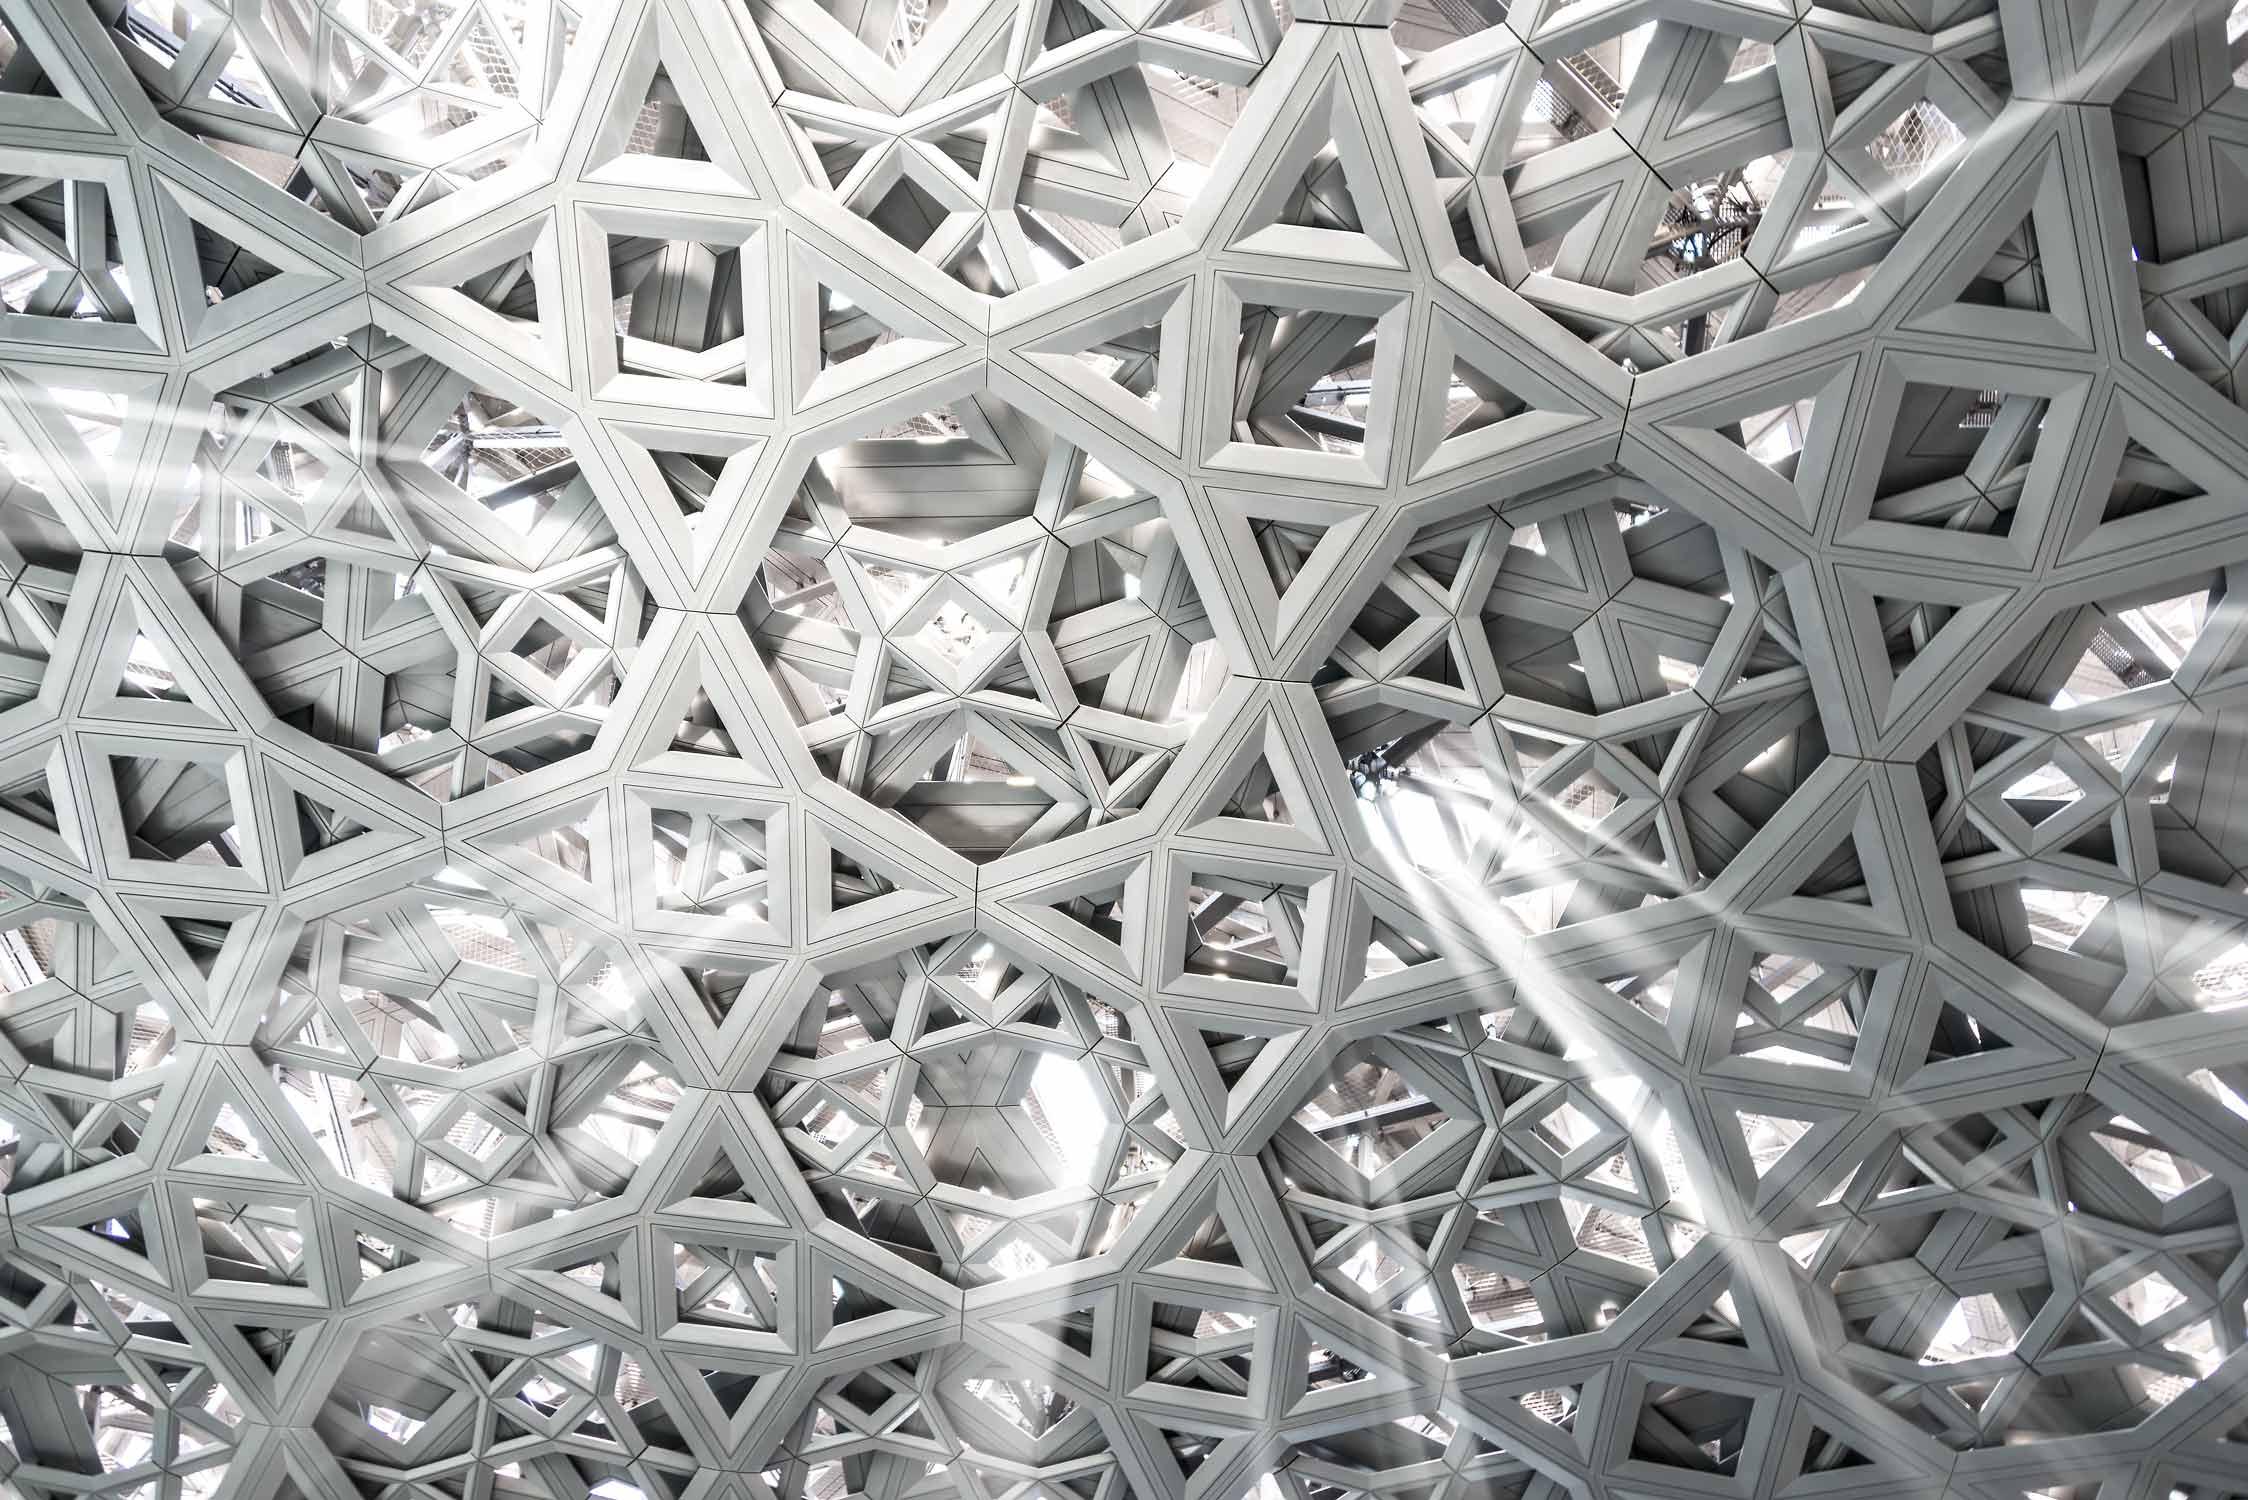 Detail vom Kuppeldach im Kunstmuseum Louvre von Jean Nouvel in Abu-Dhabi. Das Kuppeldach lässt Lichtstrahlen eindringen, wie einen Lichtregen.